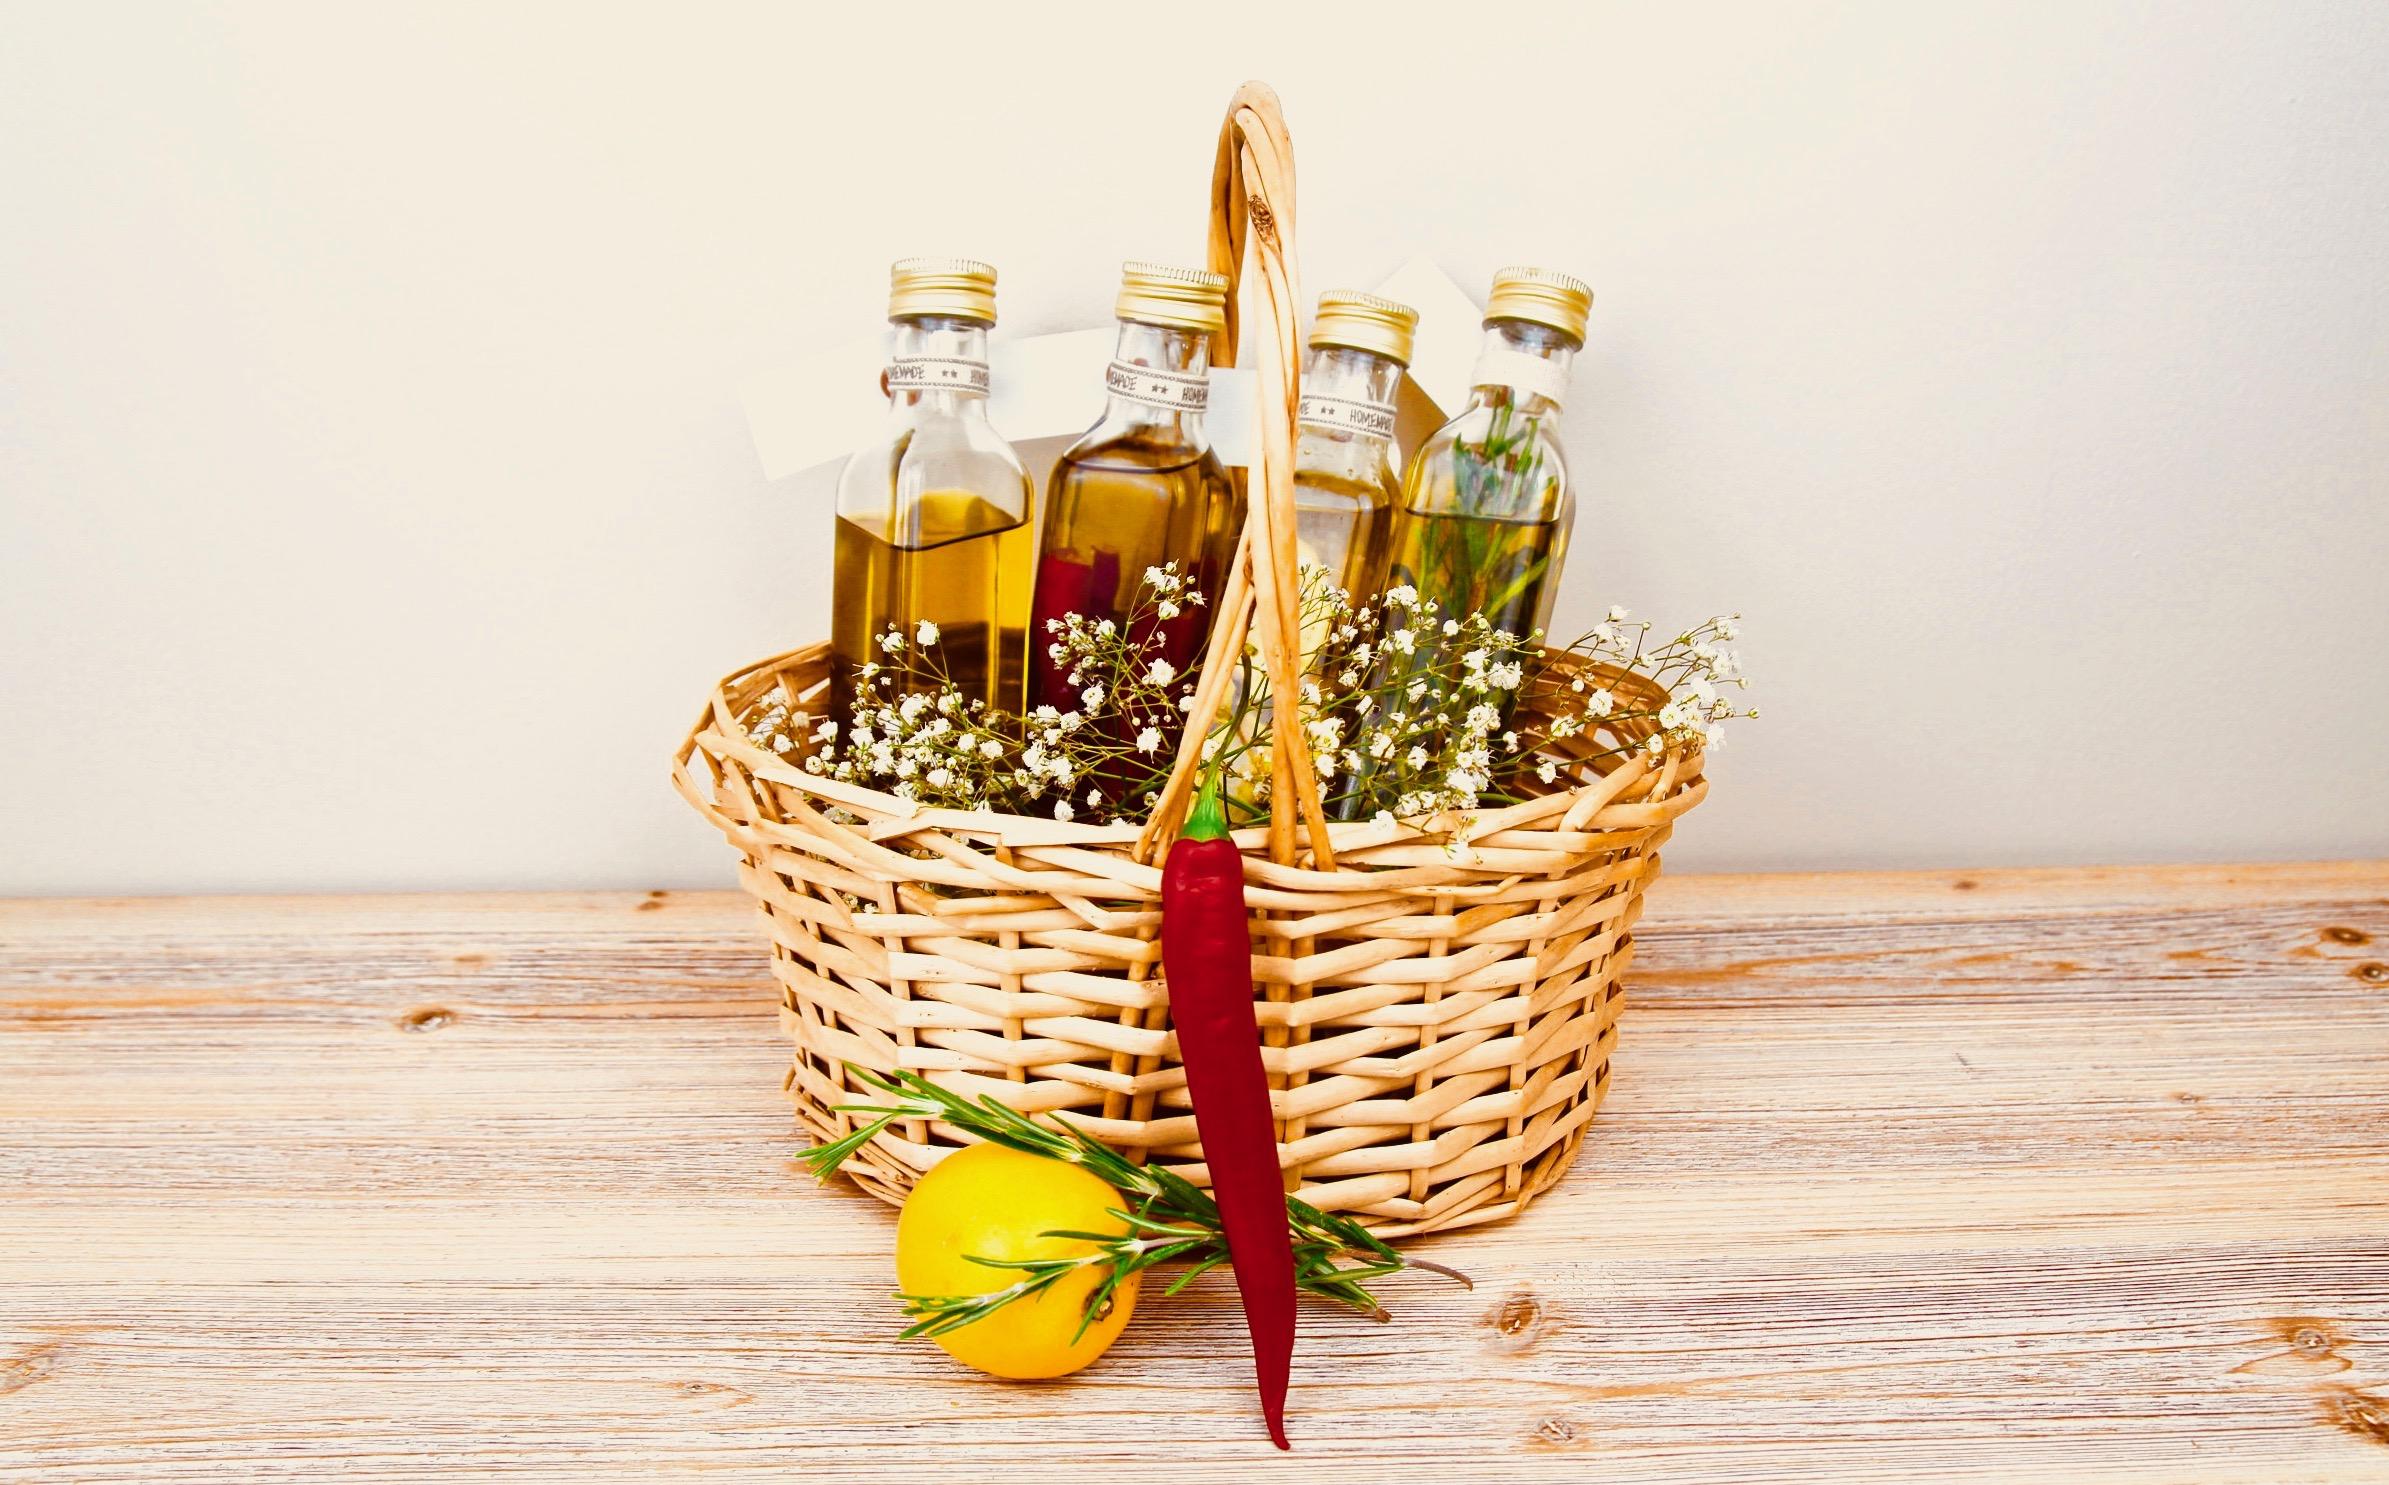 Presentkorg med tillbehör för smaksatt olivolja